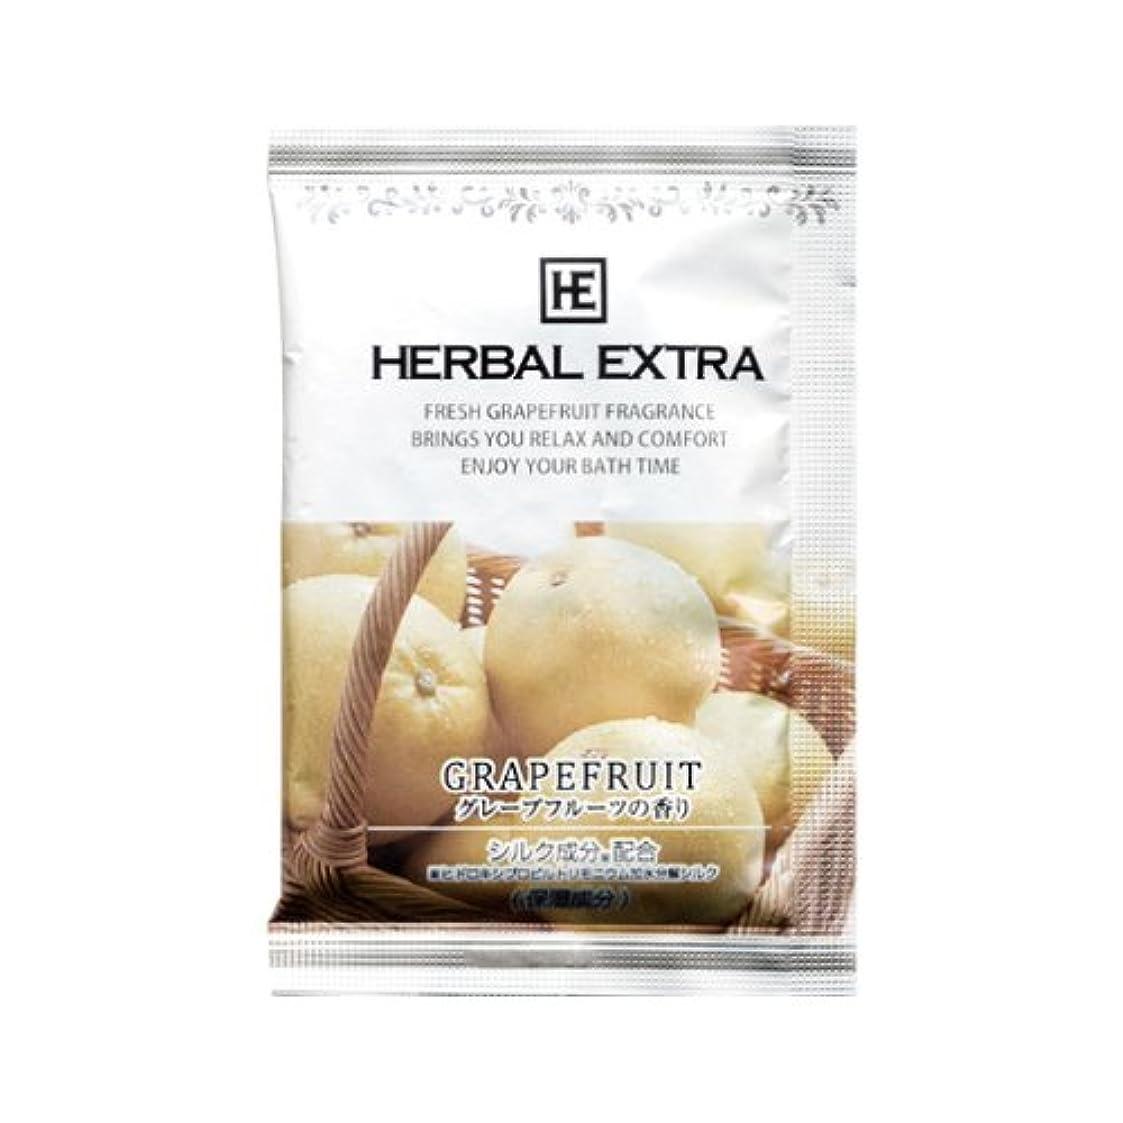 ハーバルエクストラ入浴剤 グレープフルーツの香り 40包